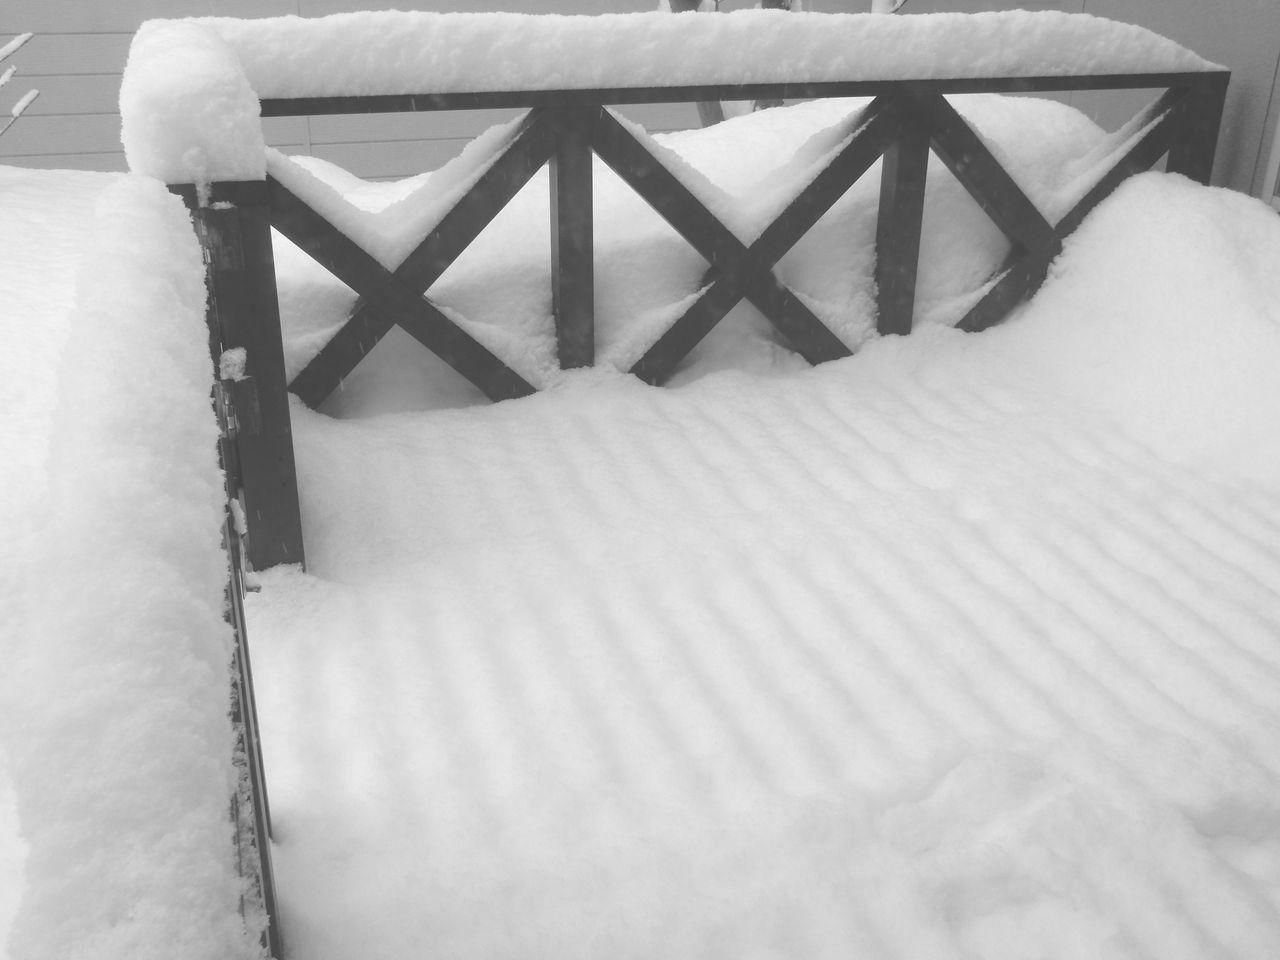 綿菓子のような雪の後、最高気温4.4℃_c0025115_21294428.jpg